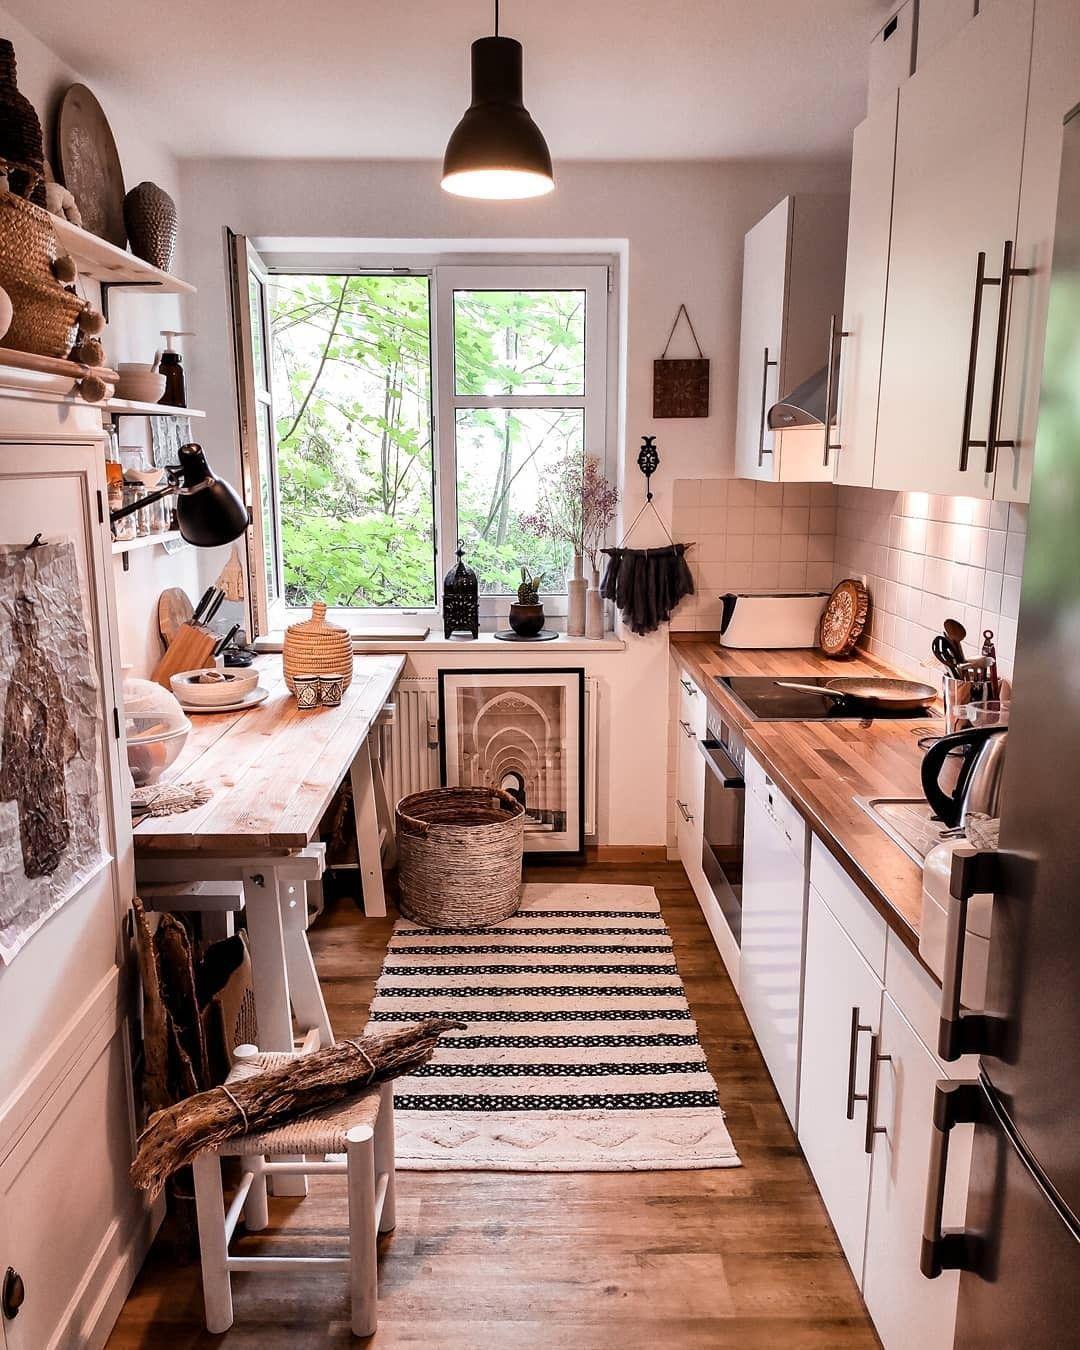 Modern Bohemian Kitchen Designs bohemiankitchen Modern Bohemian ...